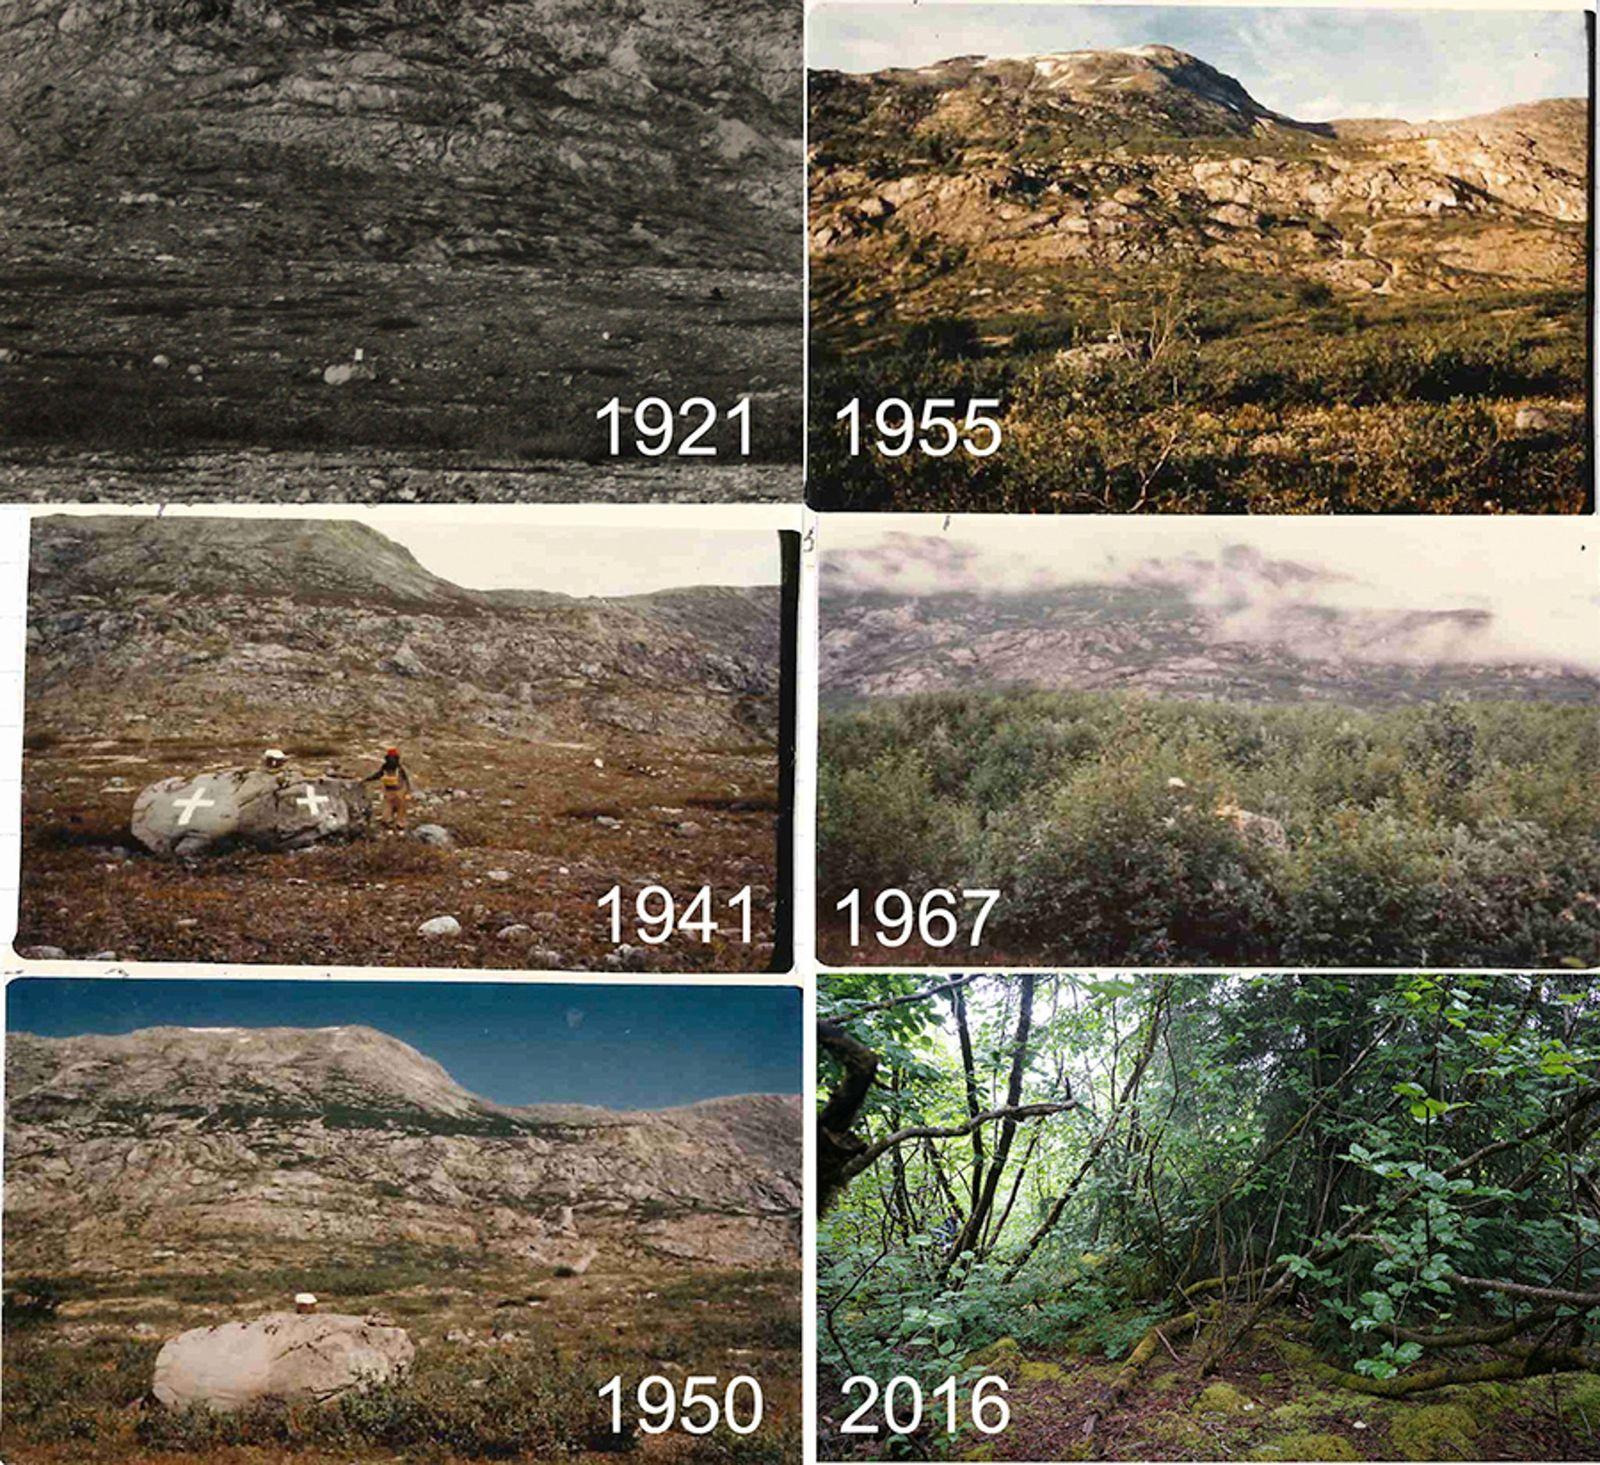 Ces images illustrent la manière dont des parcelles précises ont considérablement évolué au fil des décennies.